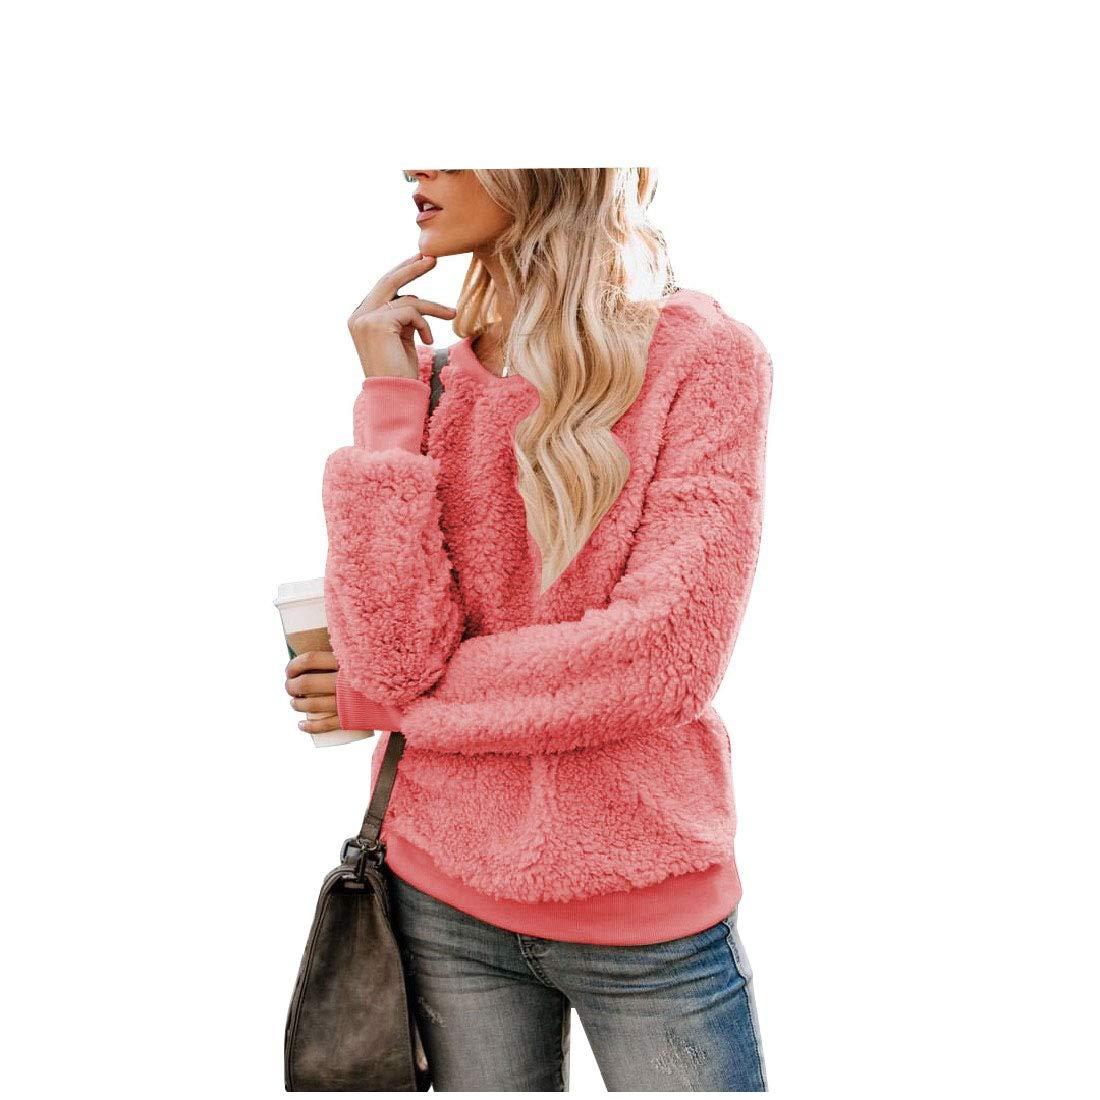 RkBao Womens Solid-Colored Scoop Neck Pullover Leisure Hoodie Sweatshirt